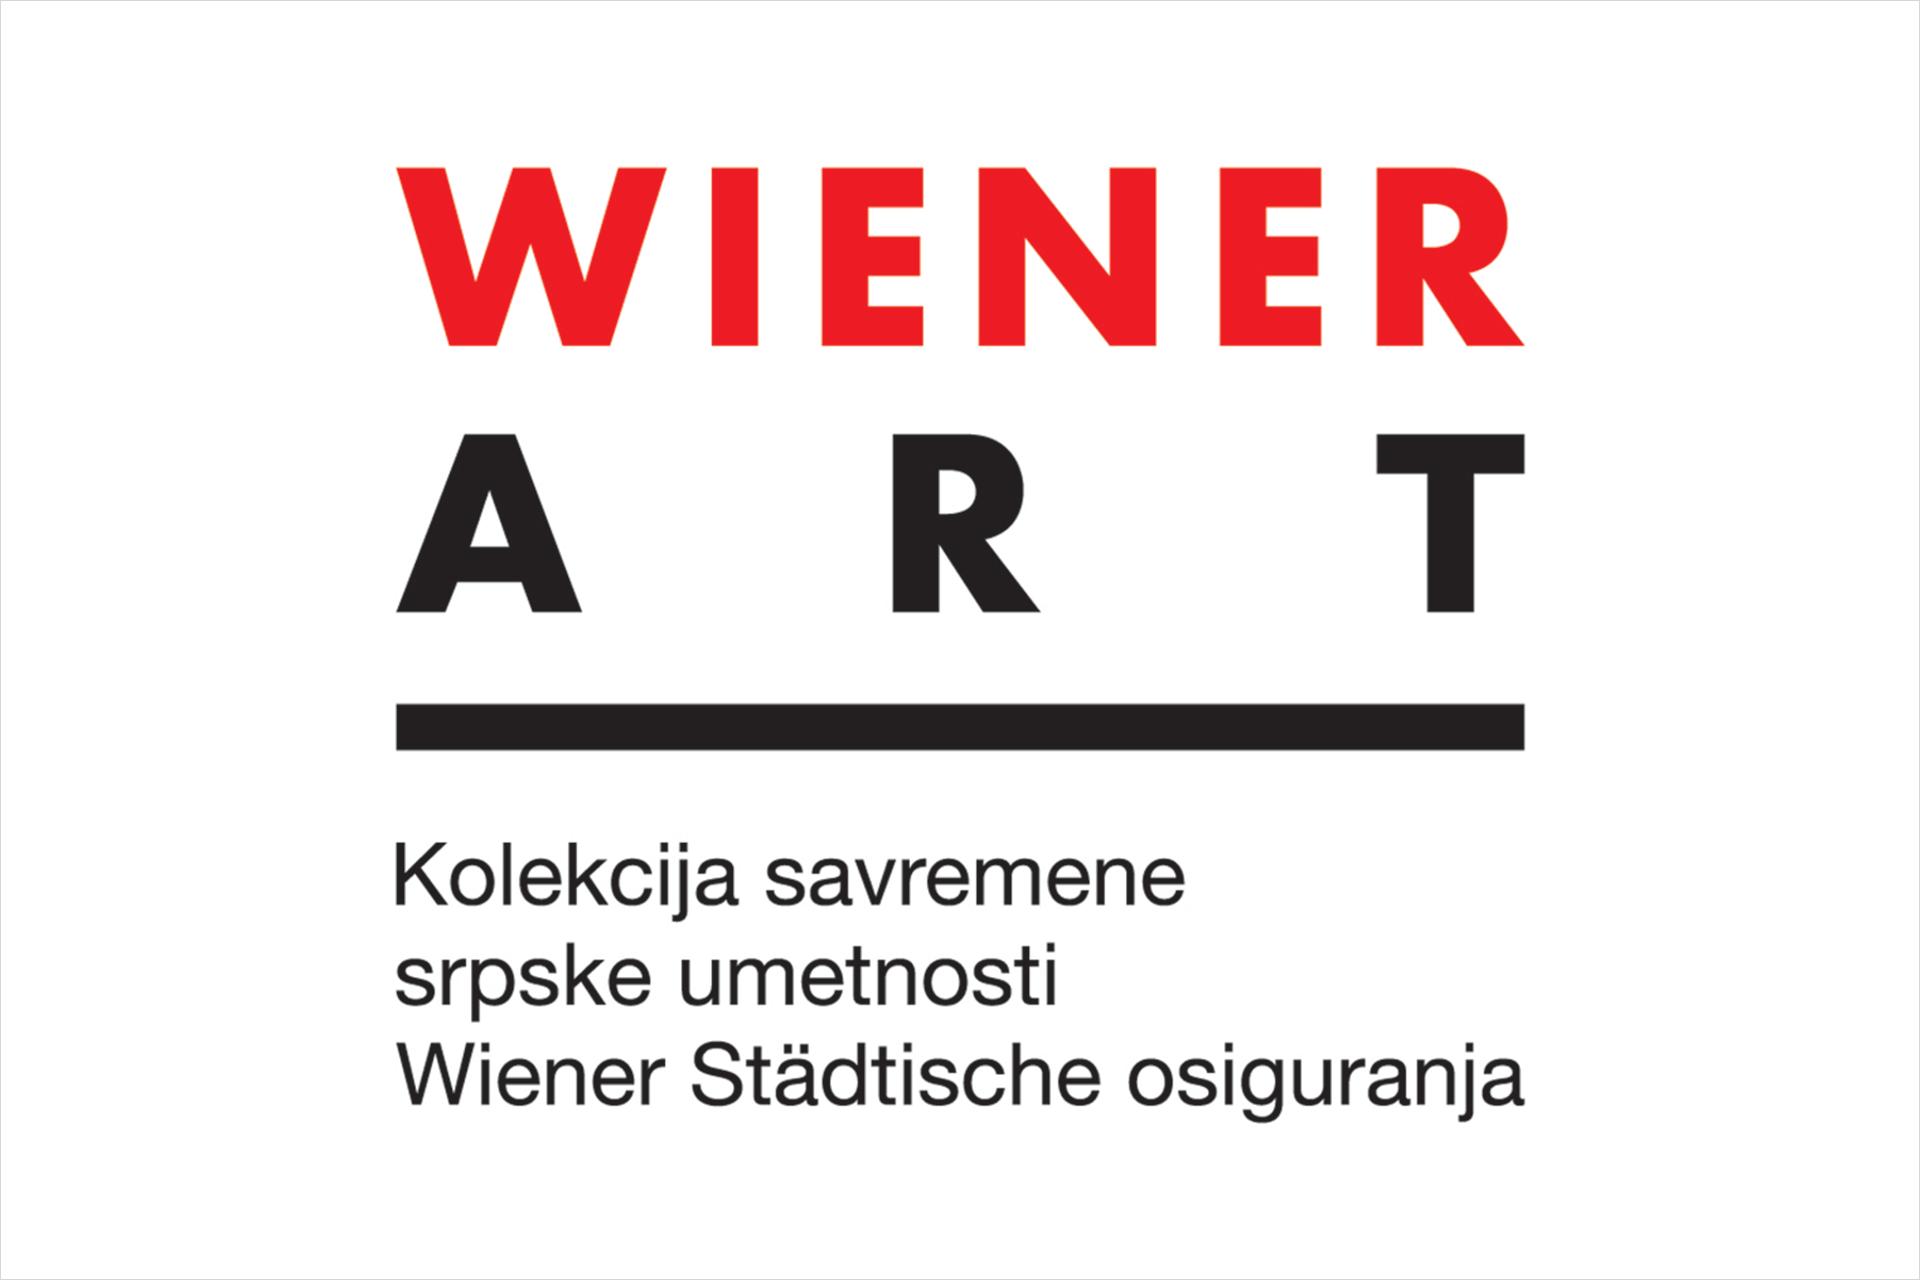 10 godina od nastanka projekta WIENER ART: kolekcije savremene srpske umetnosti Wiener Städtische osiguranja